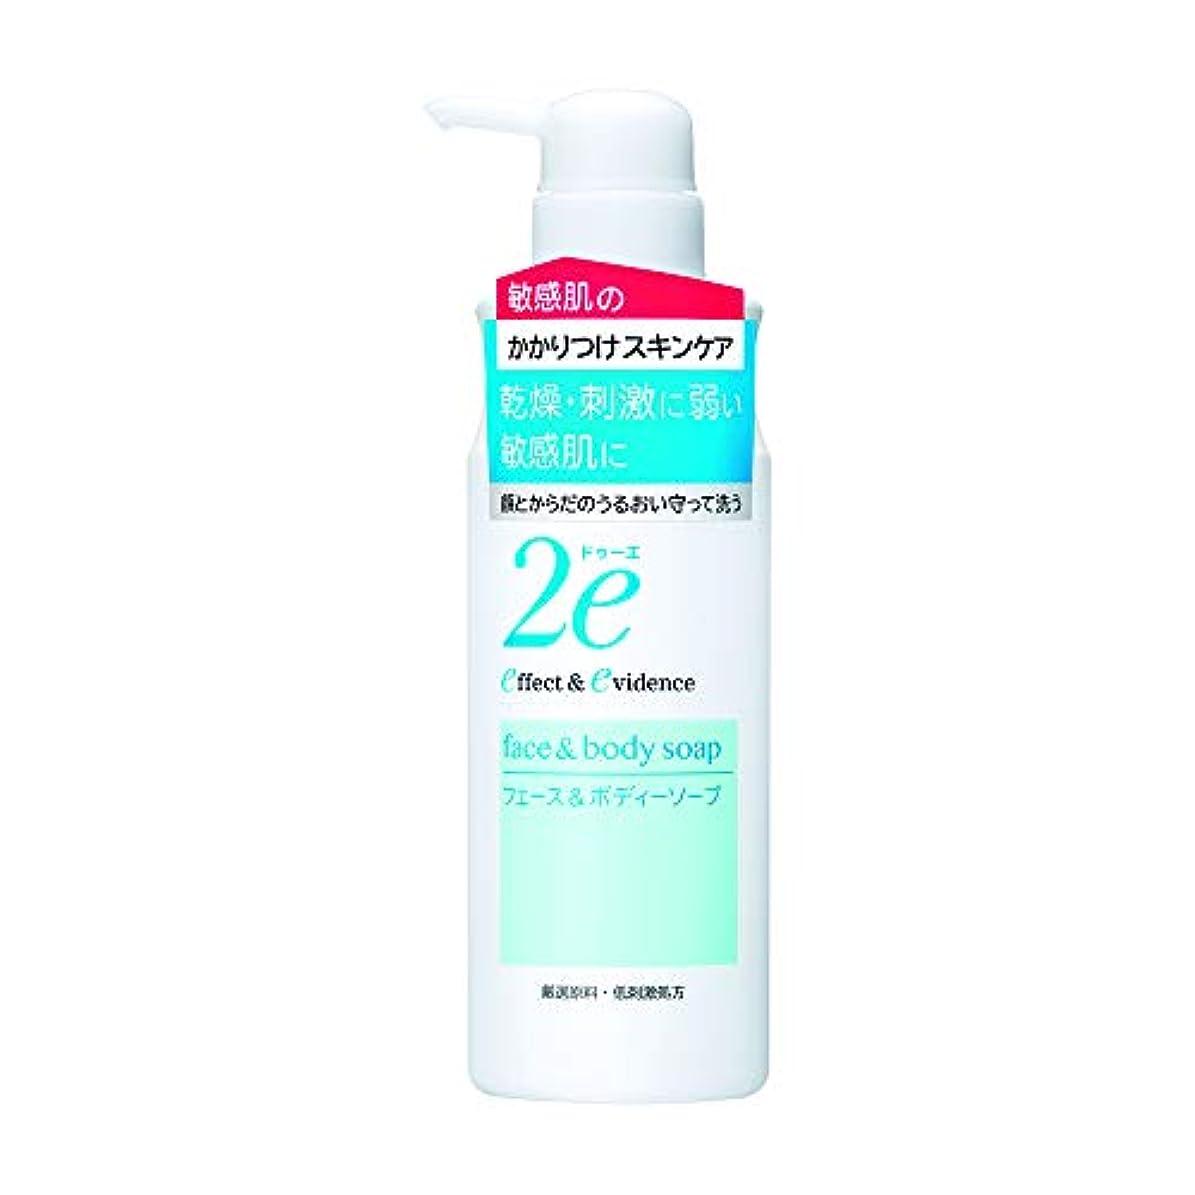 製品コントラストくすぐったい2e(ドゥーエ) フェース&ボディーソープ 敏感肌用洗浄料 低刺激処方 420ml ボディソープ